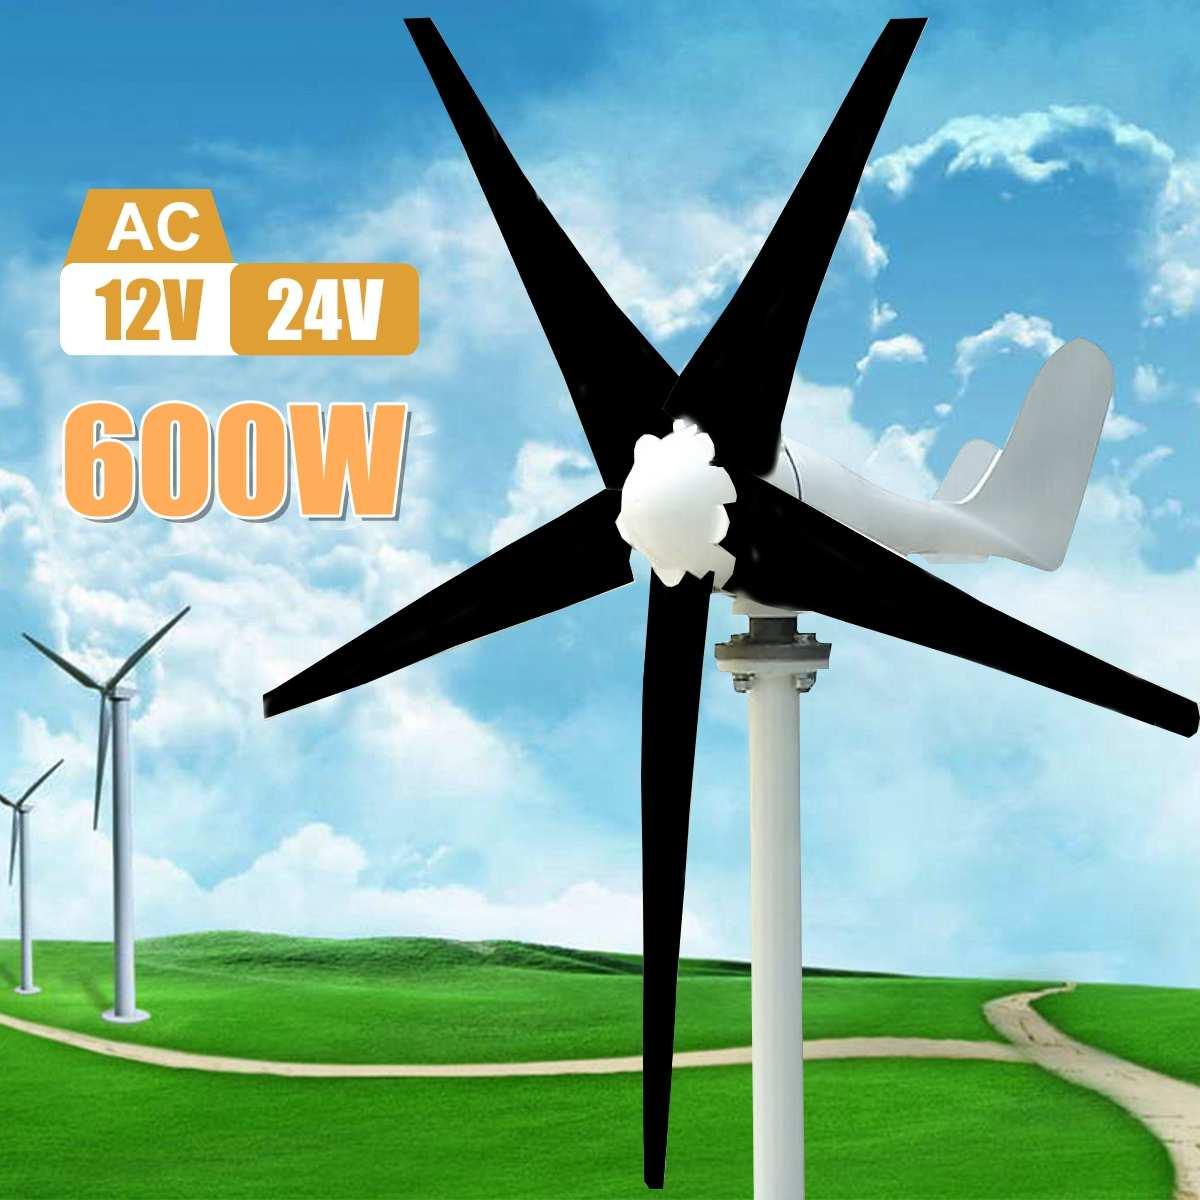 Max 600 w Vent Turbine Générateur AC 12 v/24 v 5 Lame Alimentation Kits pour La Maison Hybride l'utilisation de lampadaire